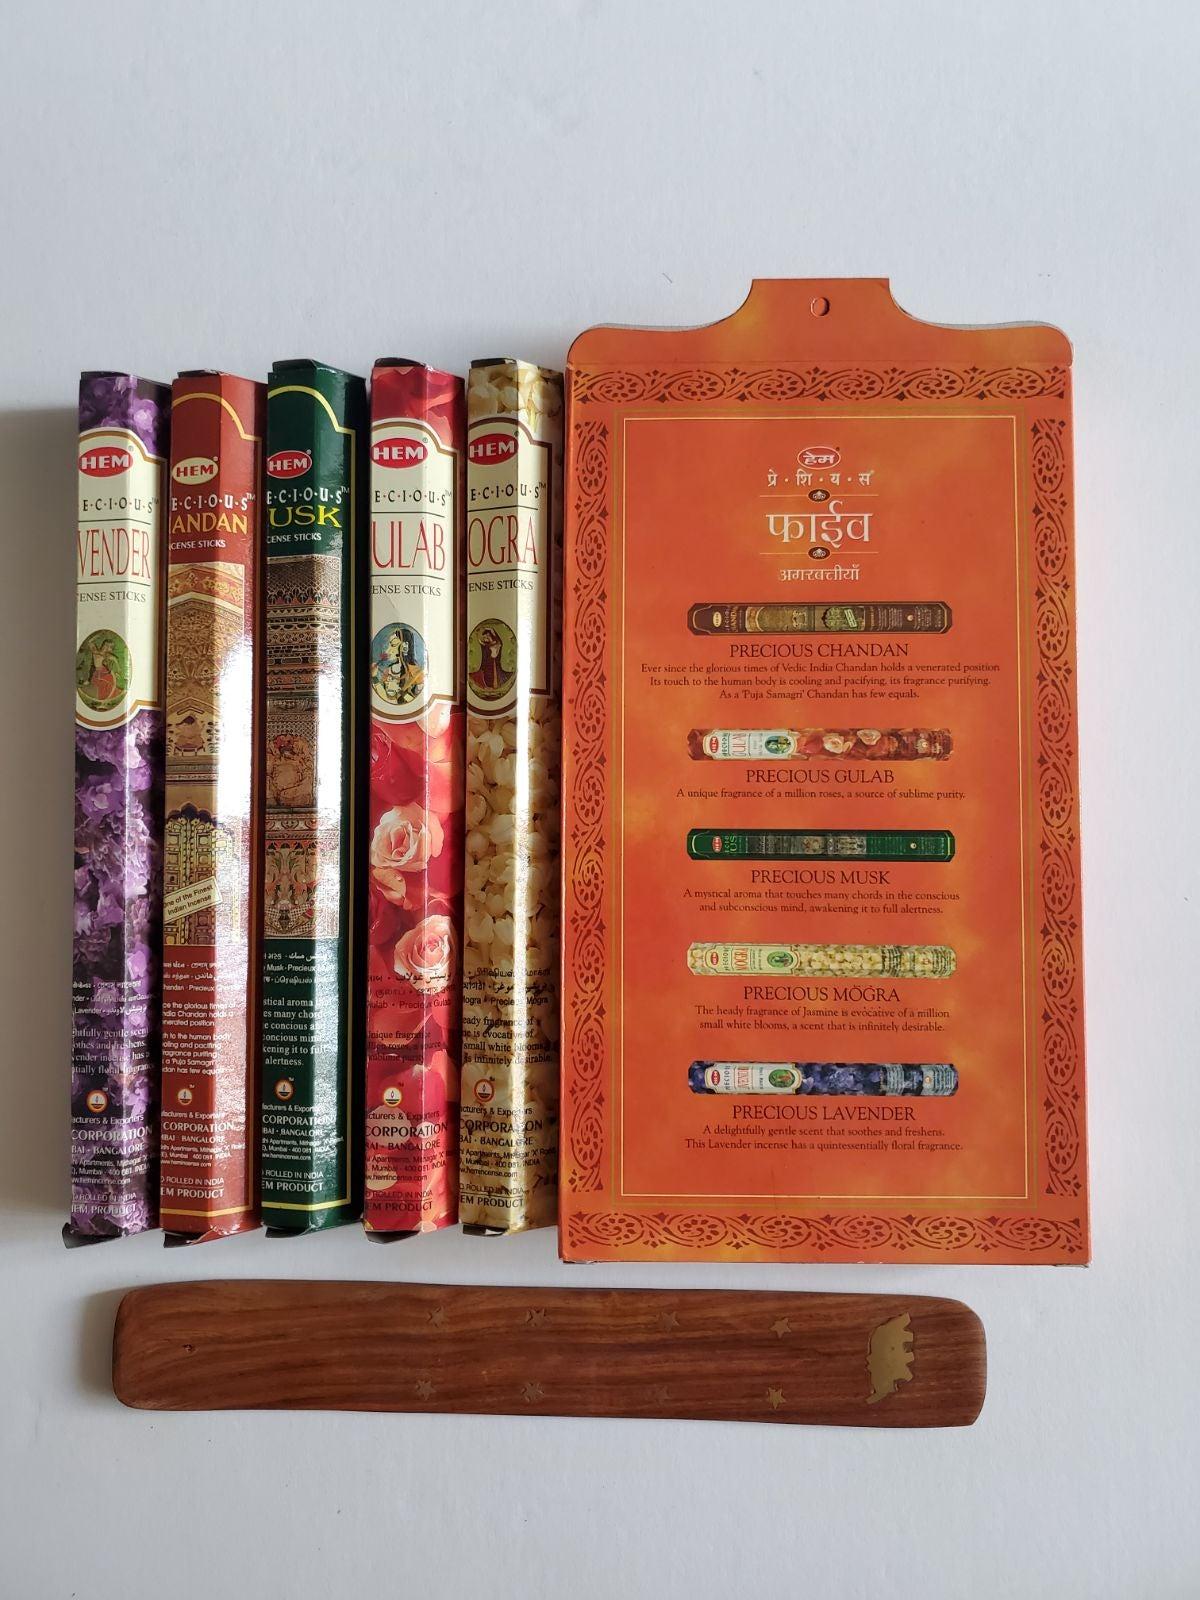 HEM Precious Incense Sticks Gift Pack